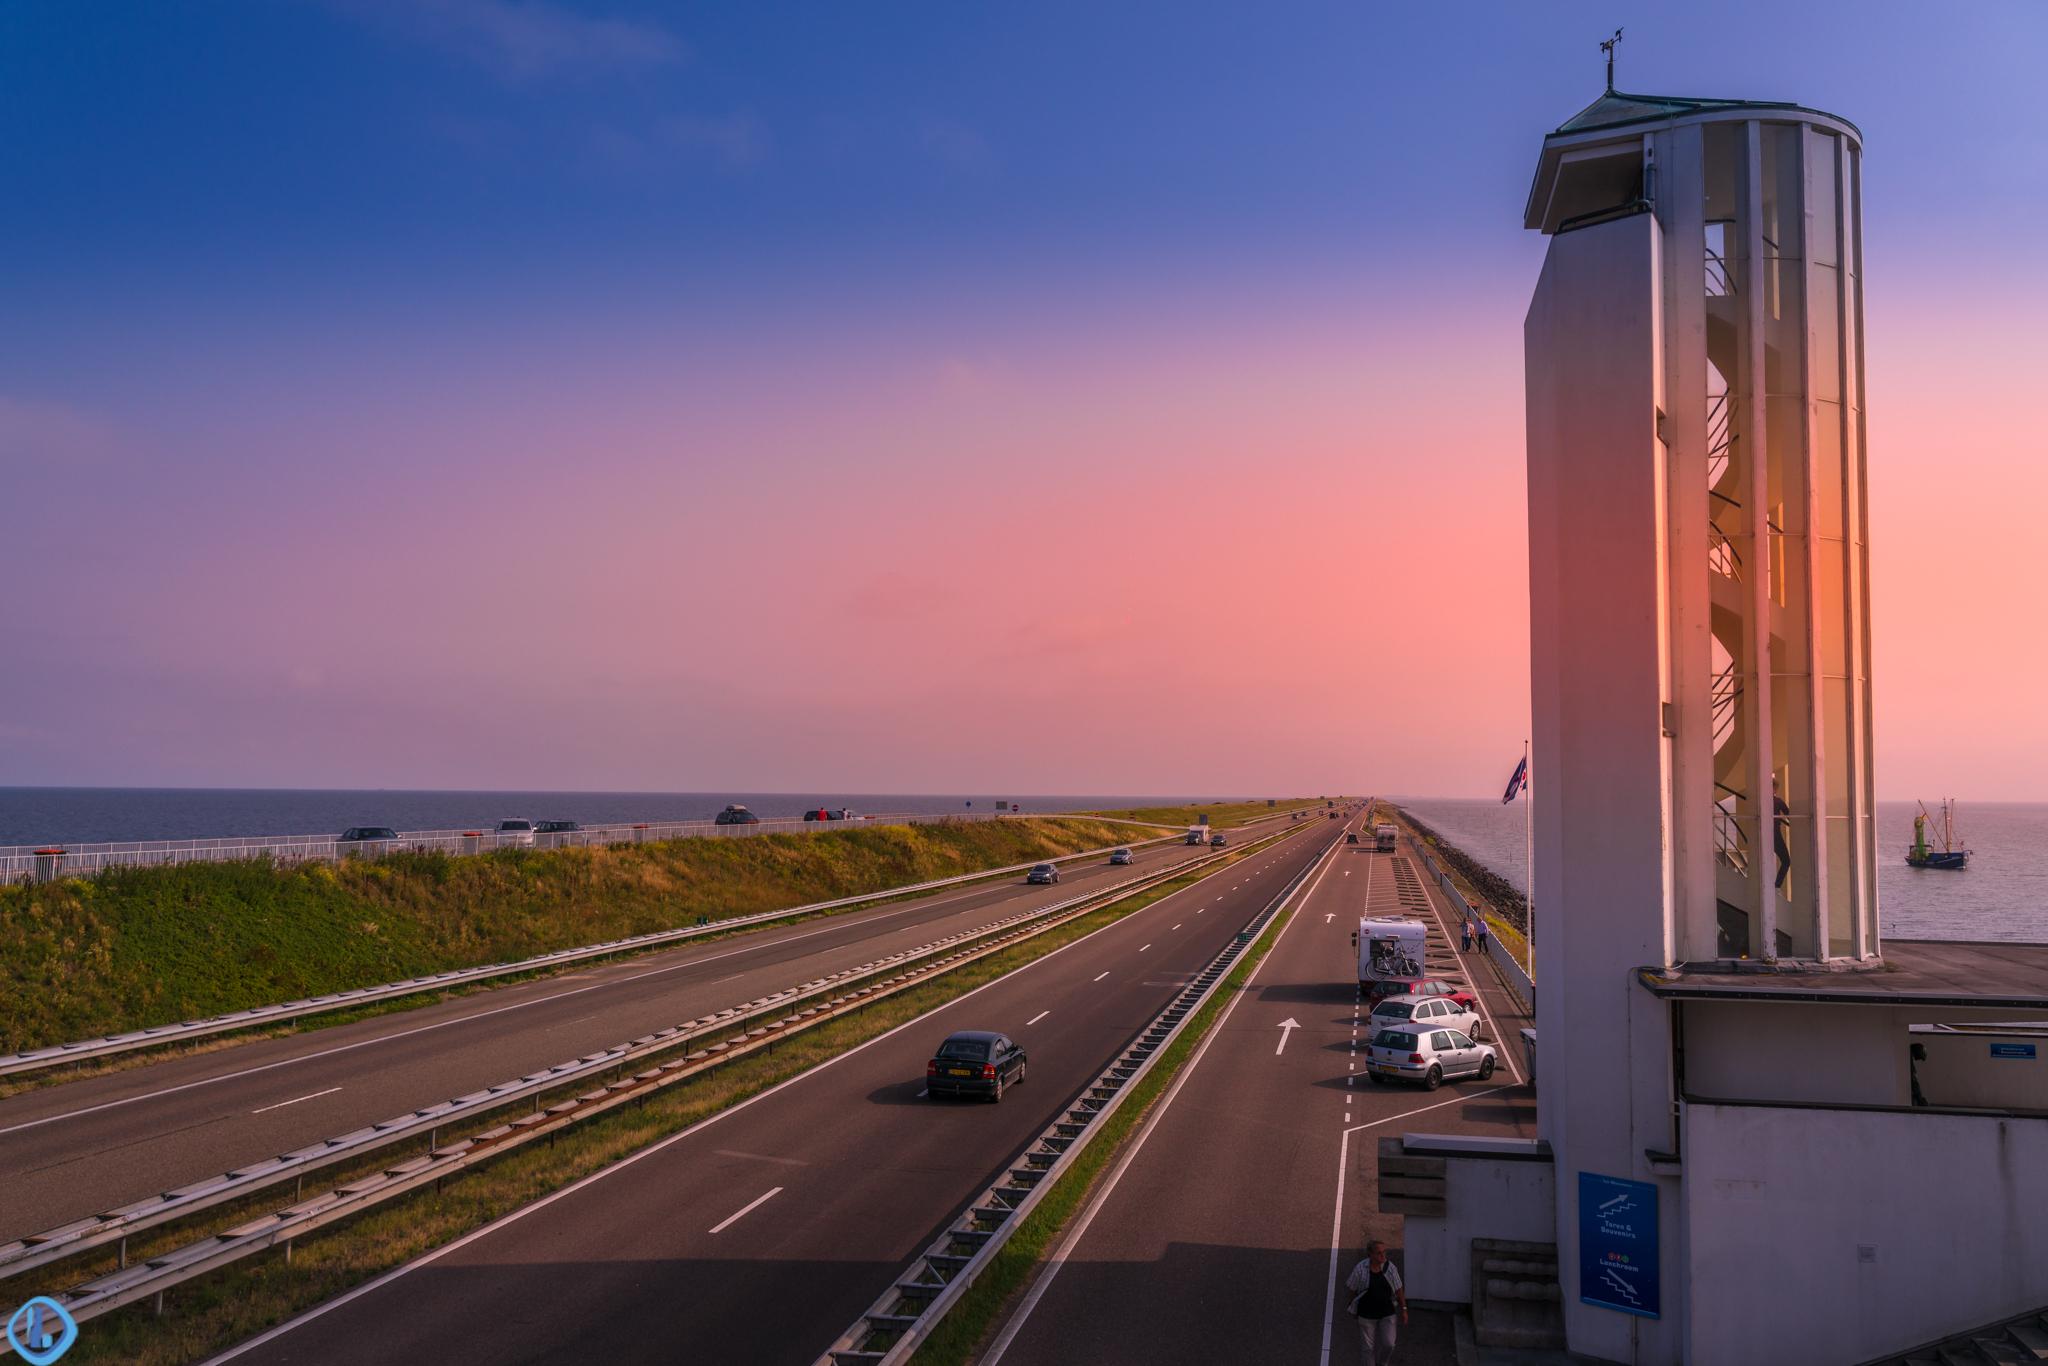 精卫填海,荷兰人造了一座世界上最长的防洪堤坝